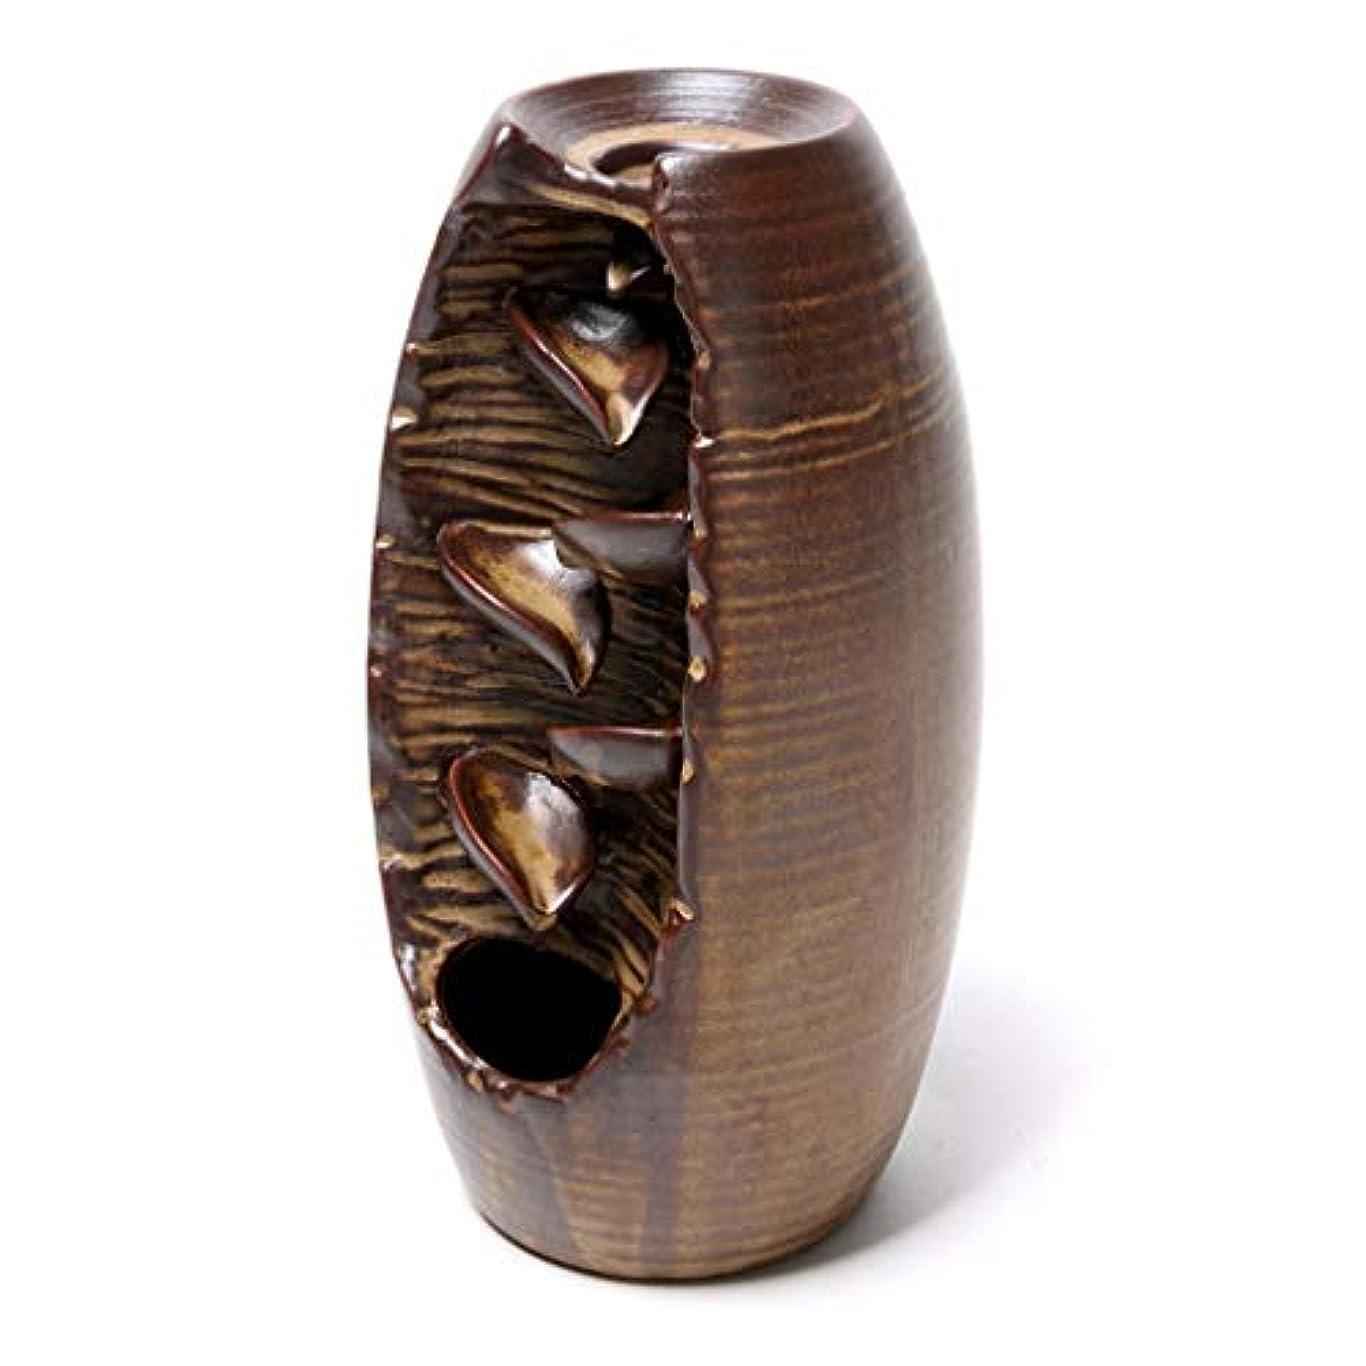 しわヒロイックアームストロングクリエイティブ逆流香バーナーセラミック香コーンバーナーホルダーホームフレグランスアロマセラピー装飾香ホルダー (Color : Brown, サイズ : 3.54*8.07 inches)